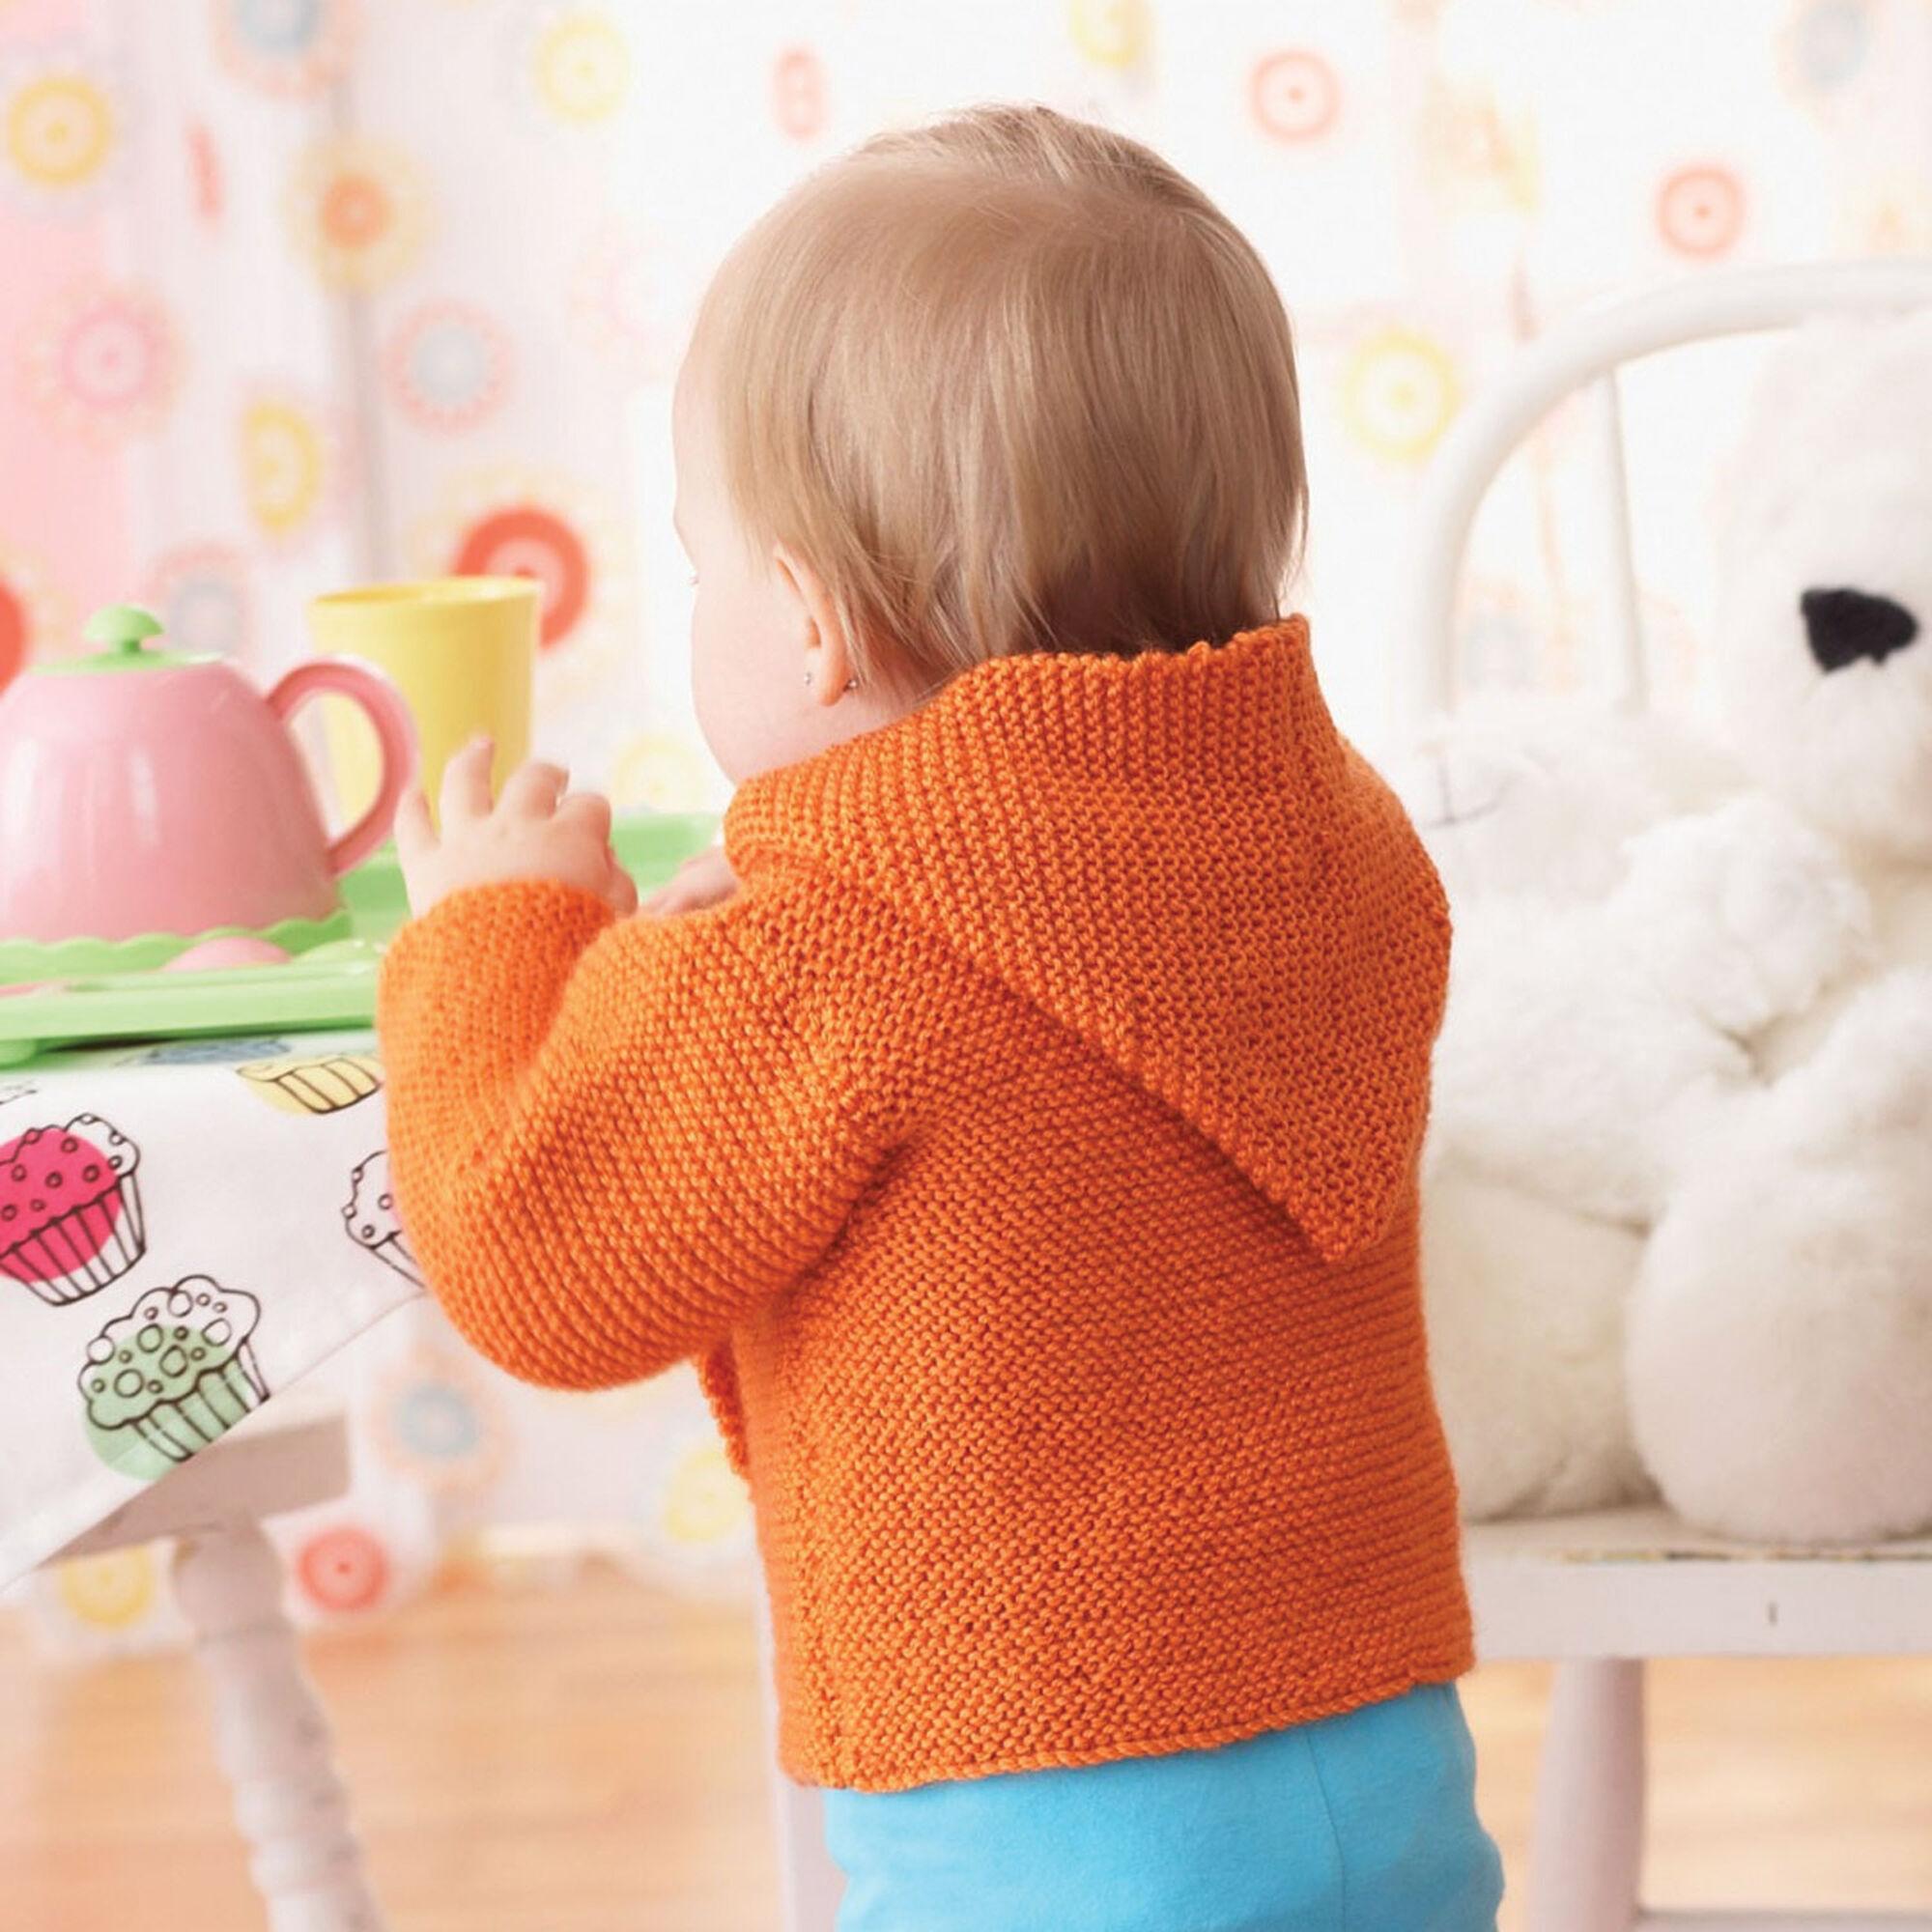 c70050d22a2c Bernat Garter Stitch Hooded Jacket